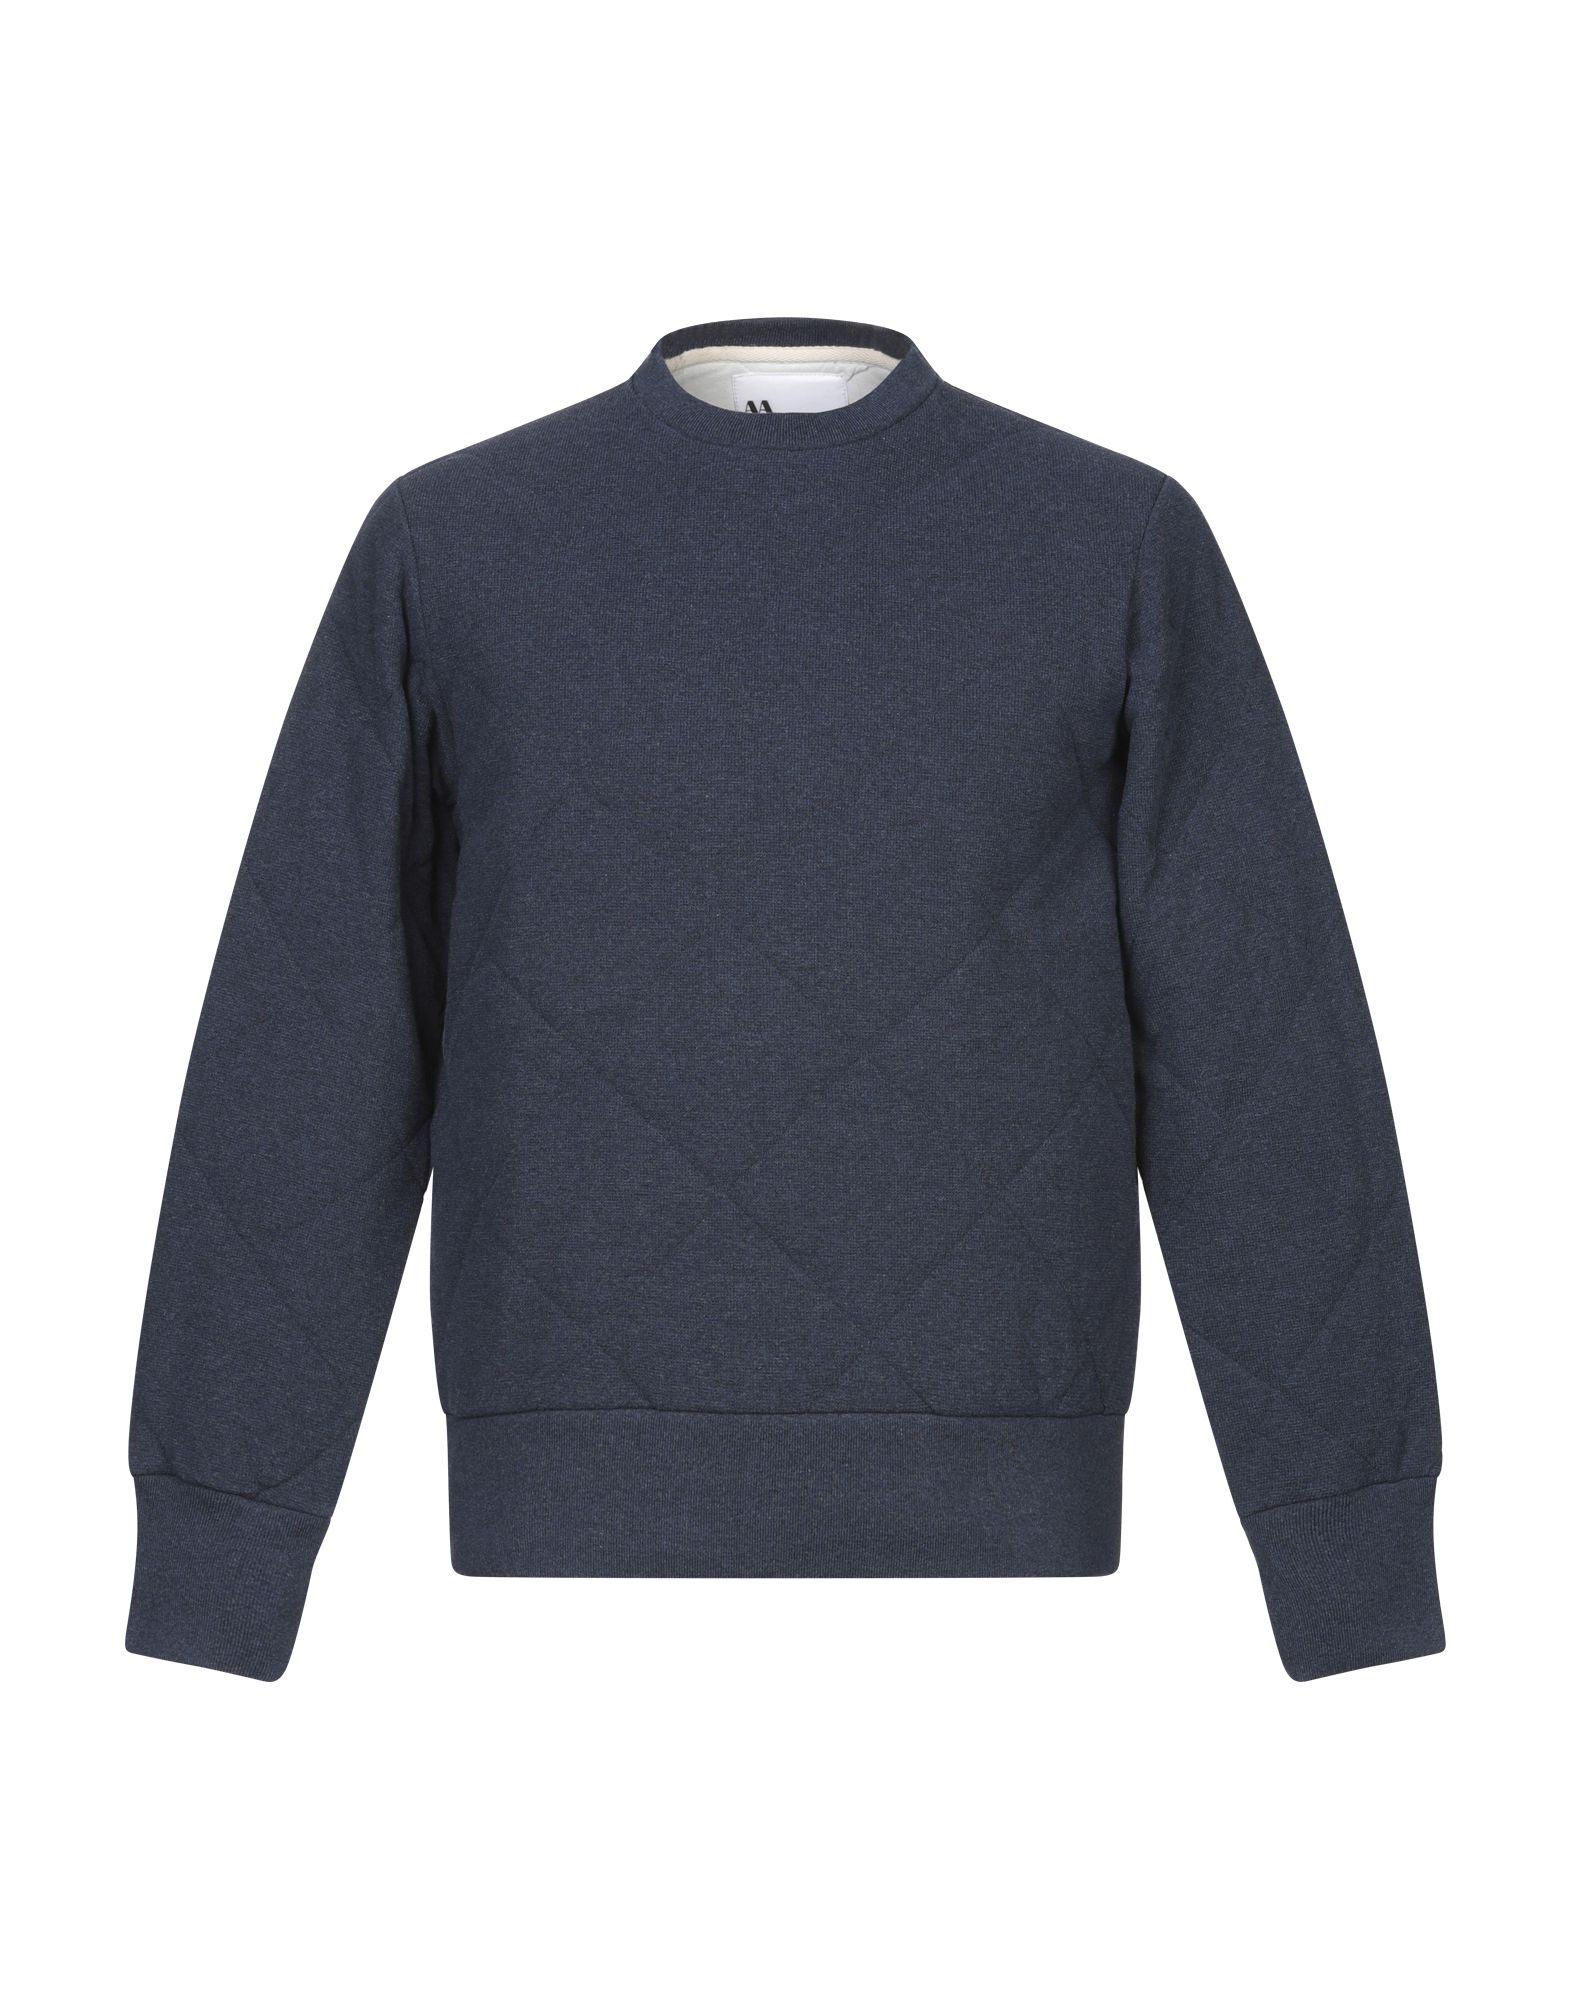 《期間限定セール開催中!》DOPPIAA メンズ スウェットシャツ ダークブルー S コットン 100%